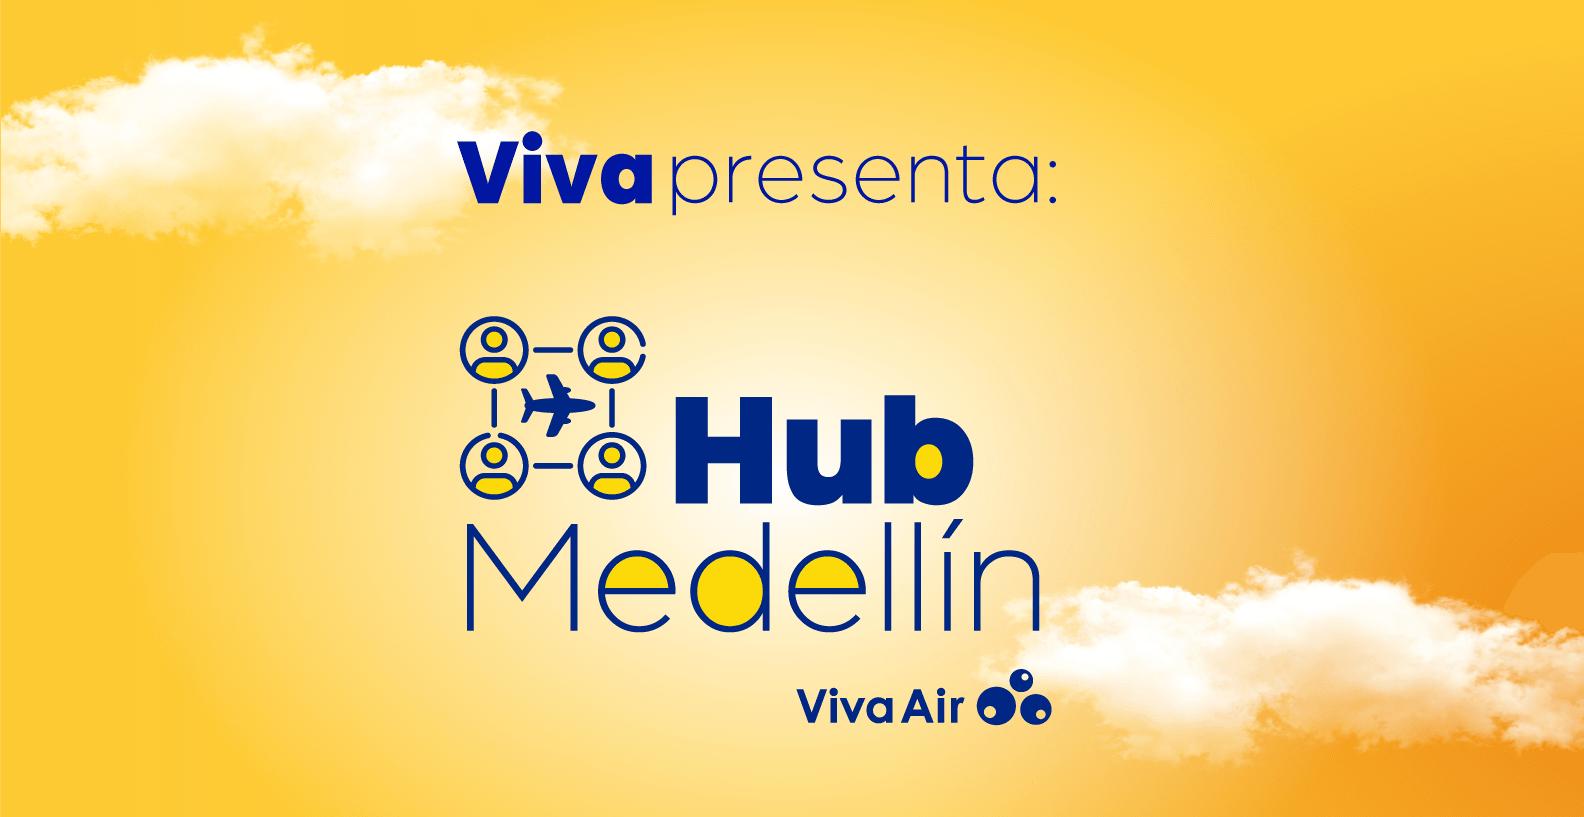 """Medellín se convierte en nuestro centro de conexiones estratégicas"""": Viva Air"""